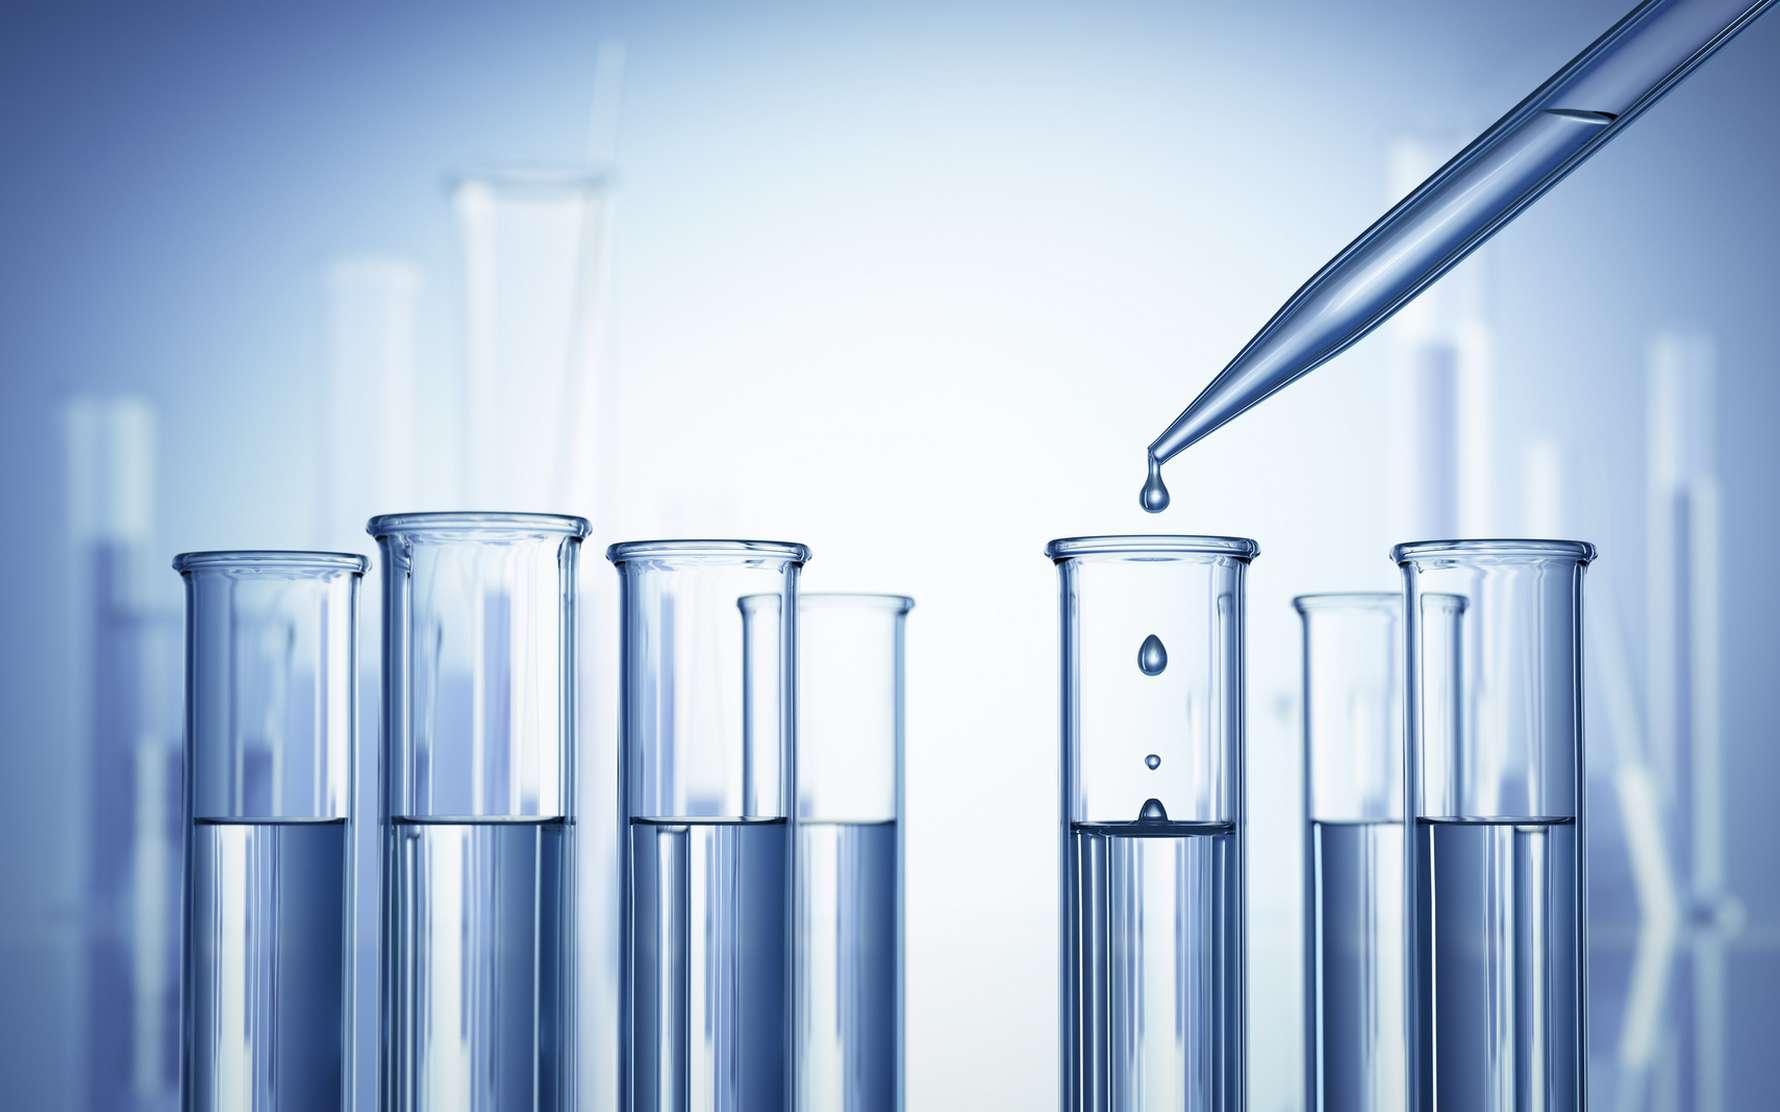 Le métier de radiopharmacien aborde aussi bien la chimie, la physique que la biologie au cours de son travail. © Romolo Tavani, Fotolia.